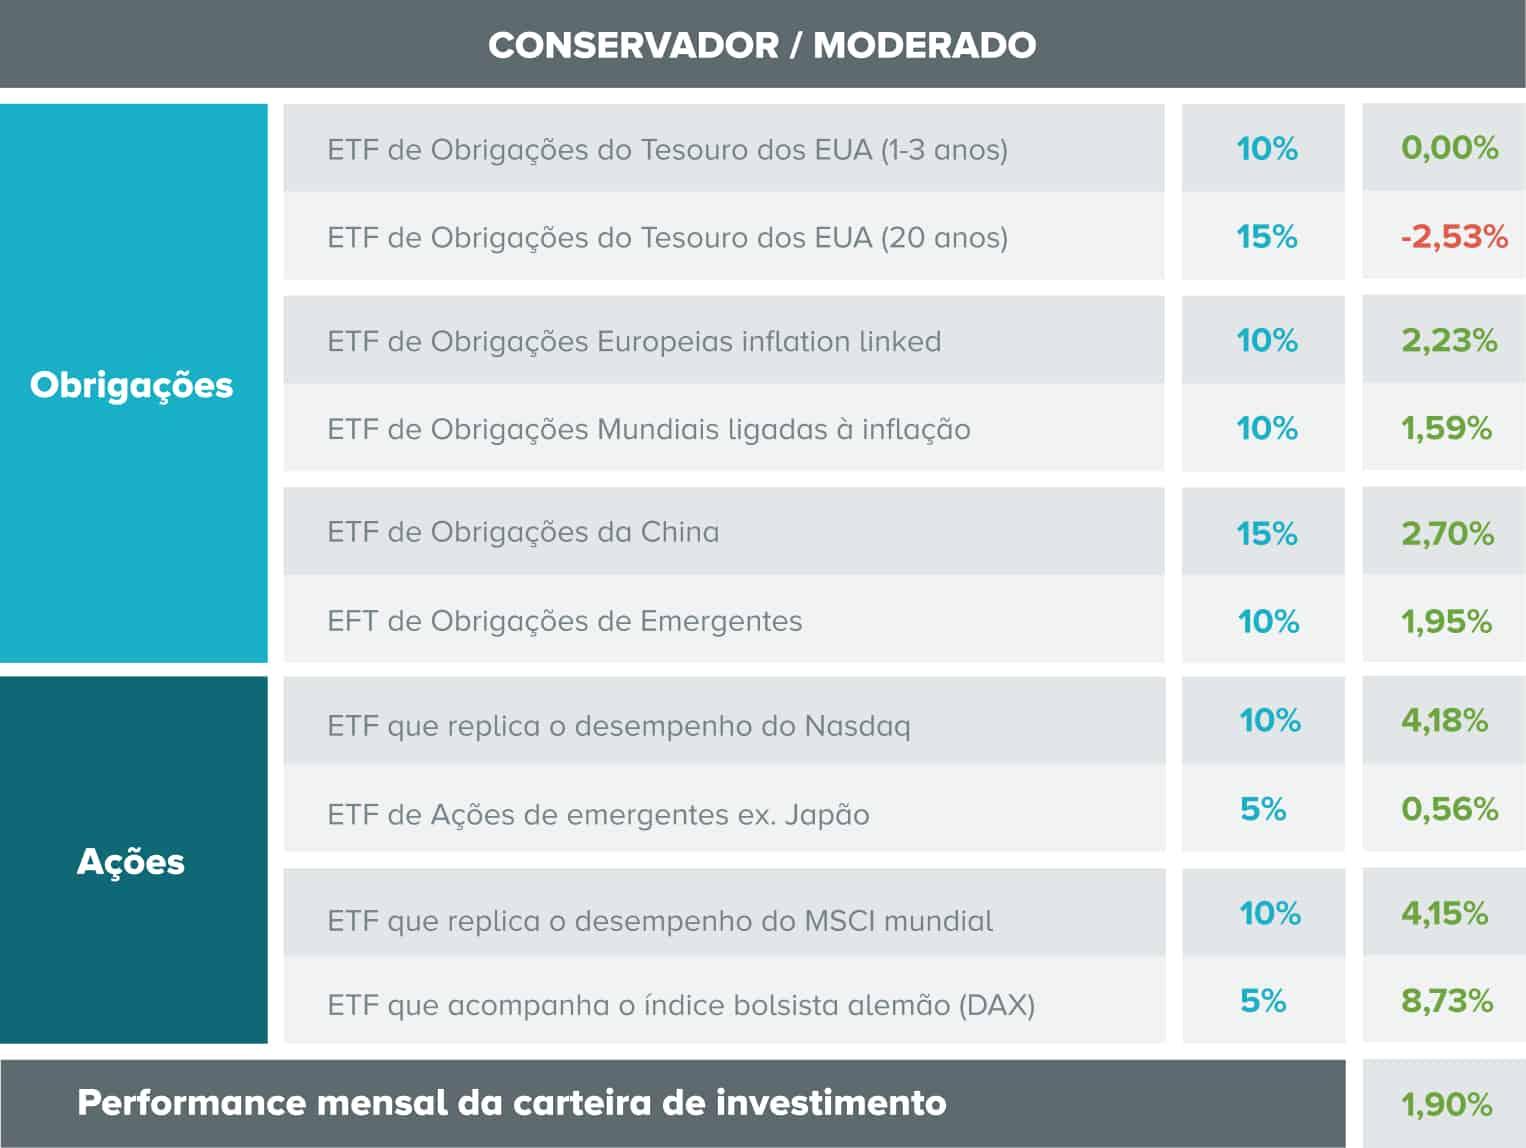 Tabela com a composição da carteira de investimento conservadora e o desempenho de cada ativo